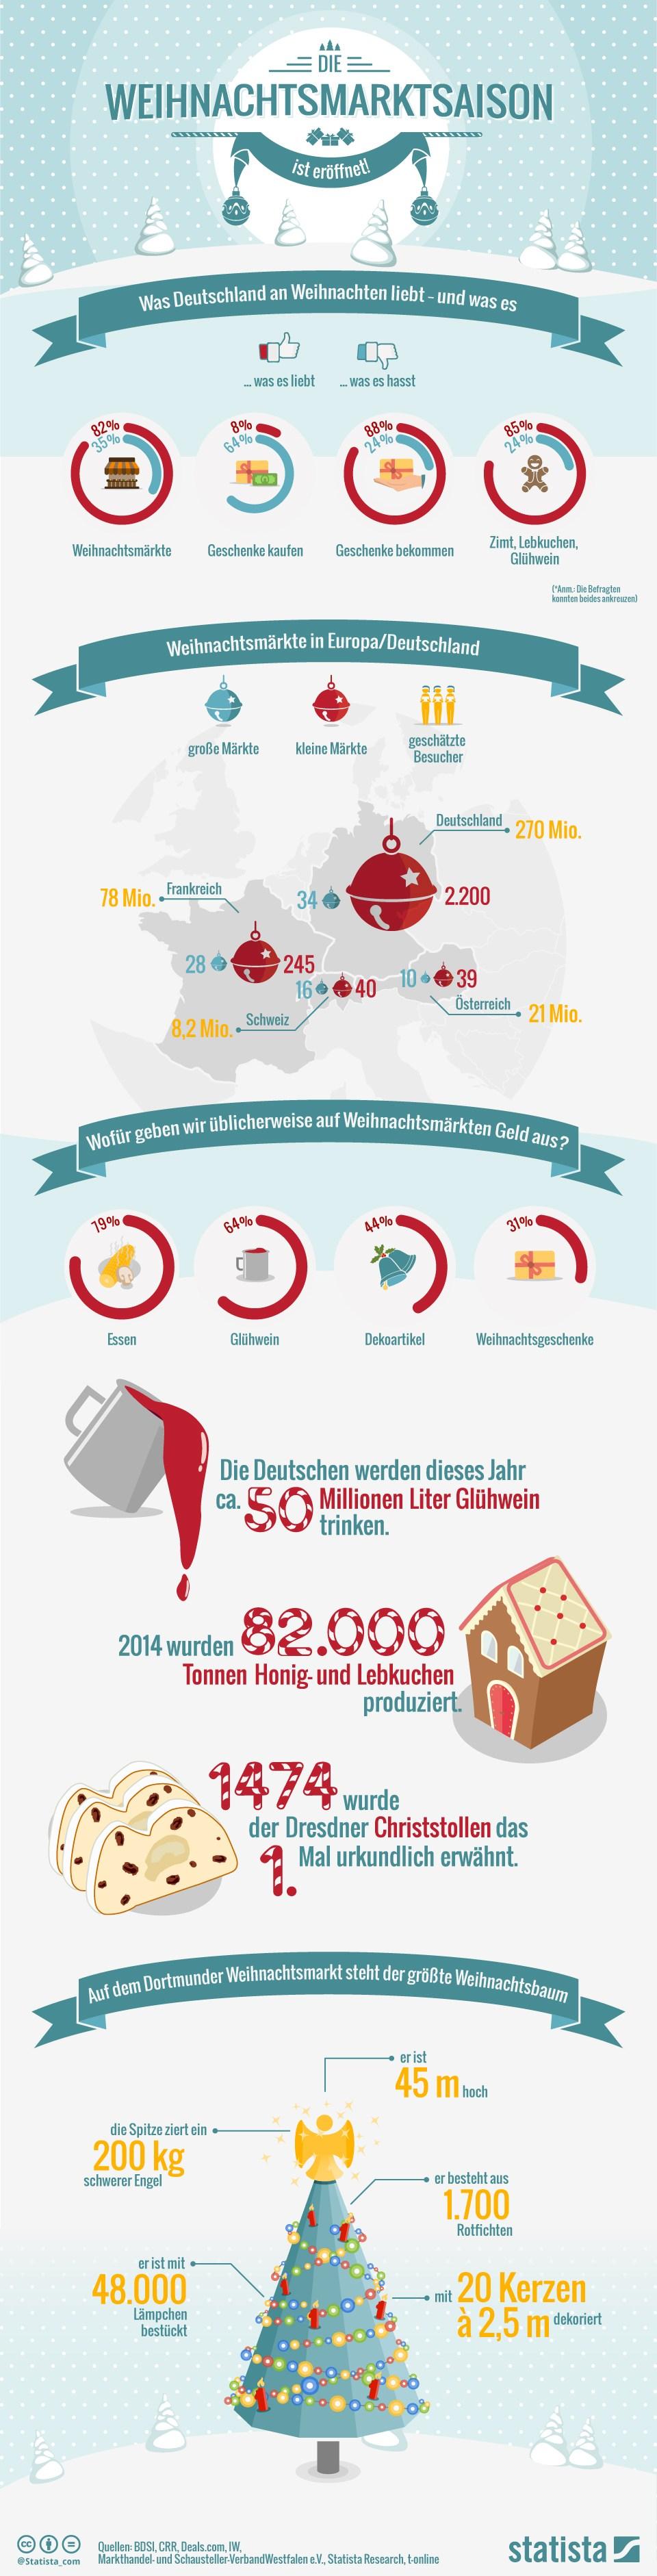 infografik statista weihnachtsmärkte